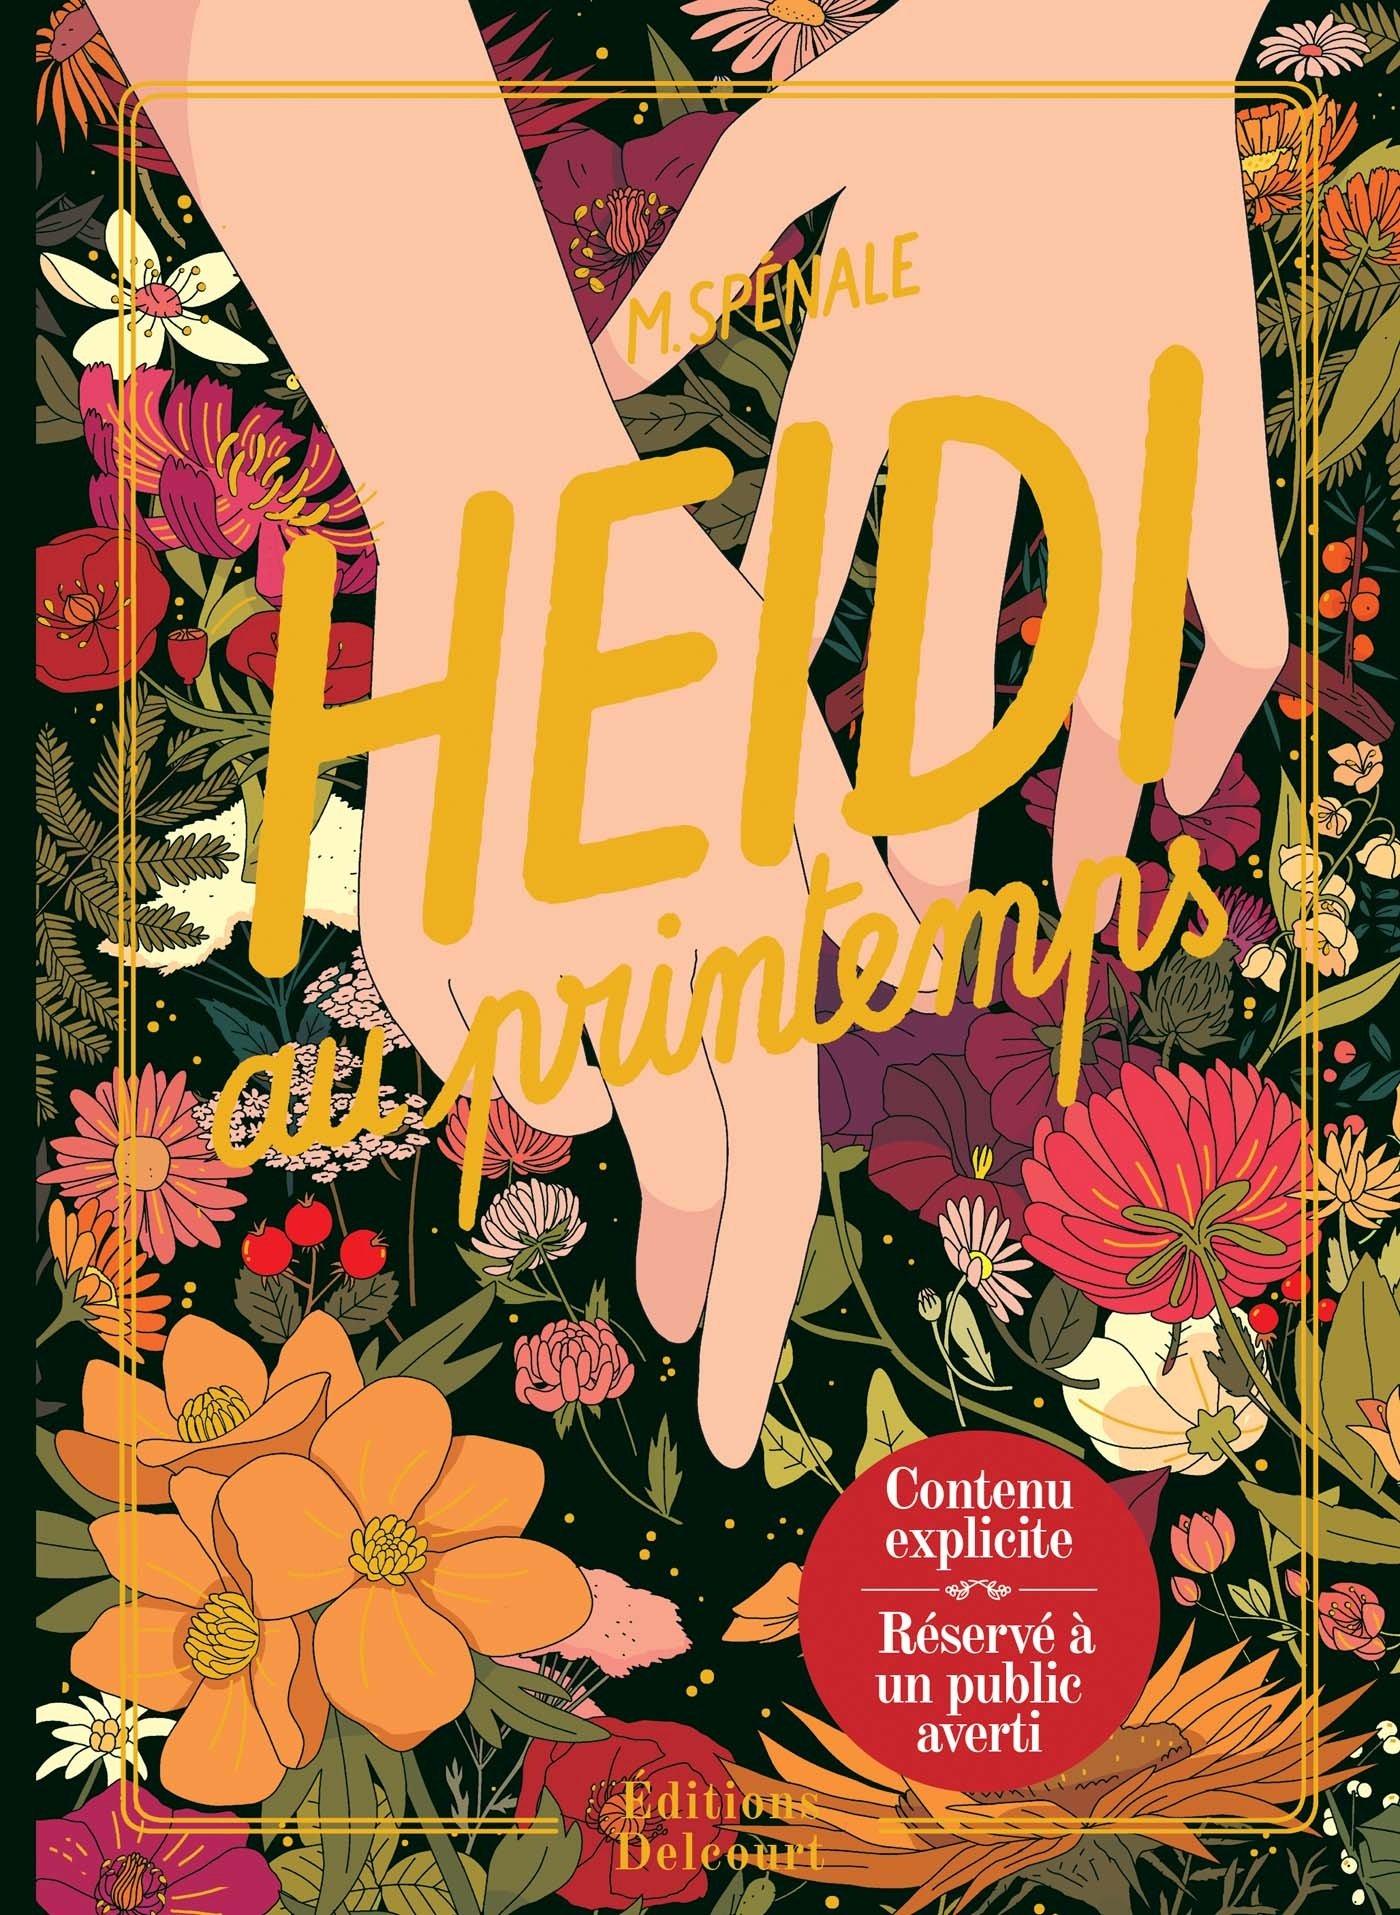 Heidi au printemps Album – 17 mai 2017 Marie Spénale Delcourt 2756072028 Bandes dessinées tout public